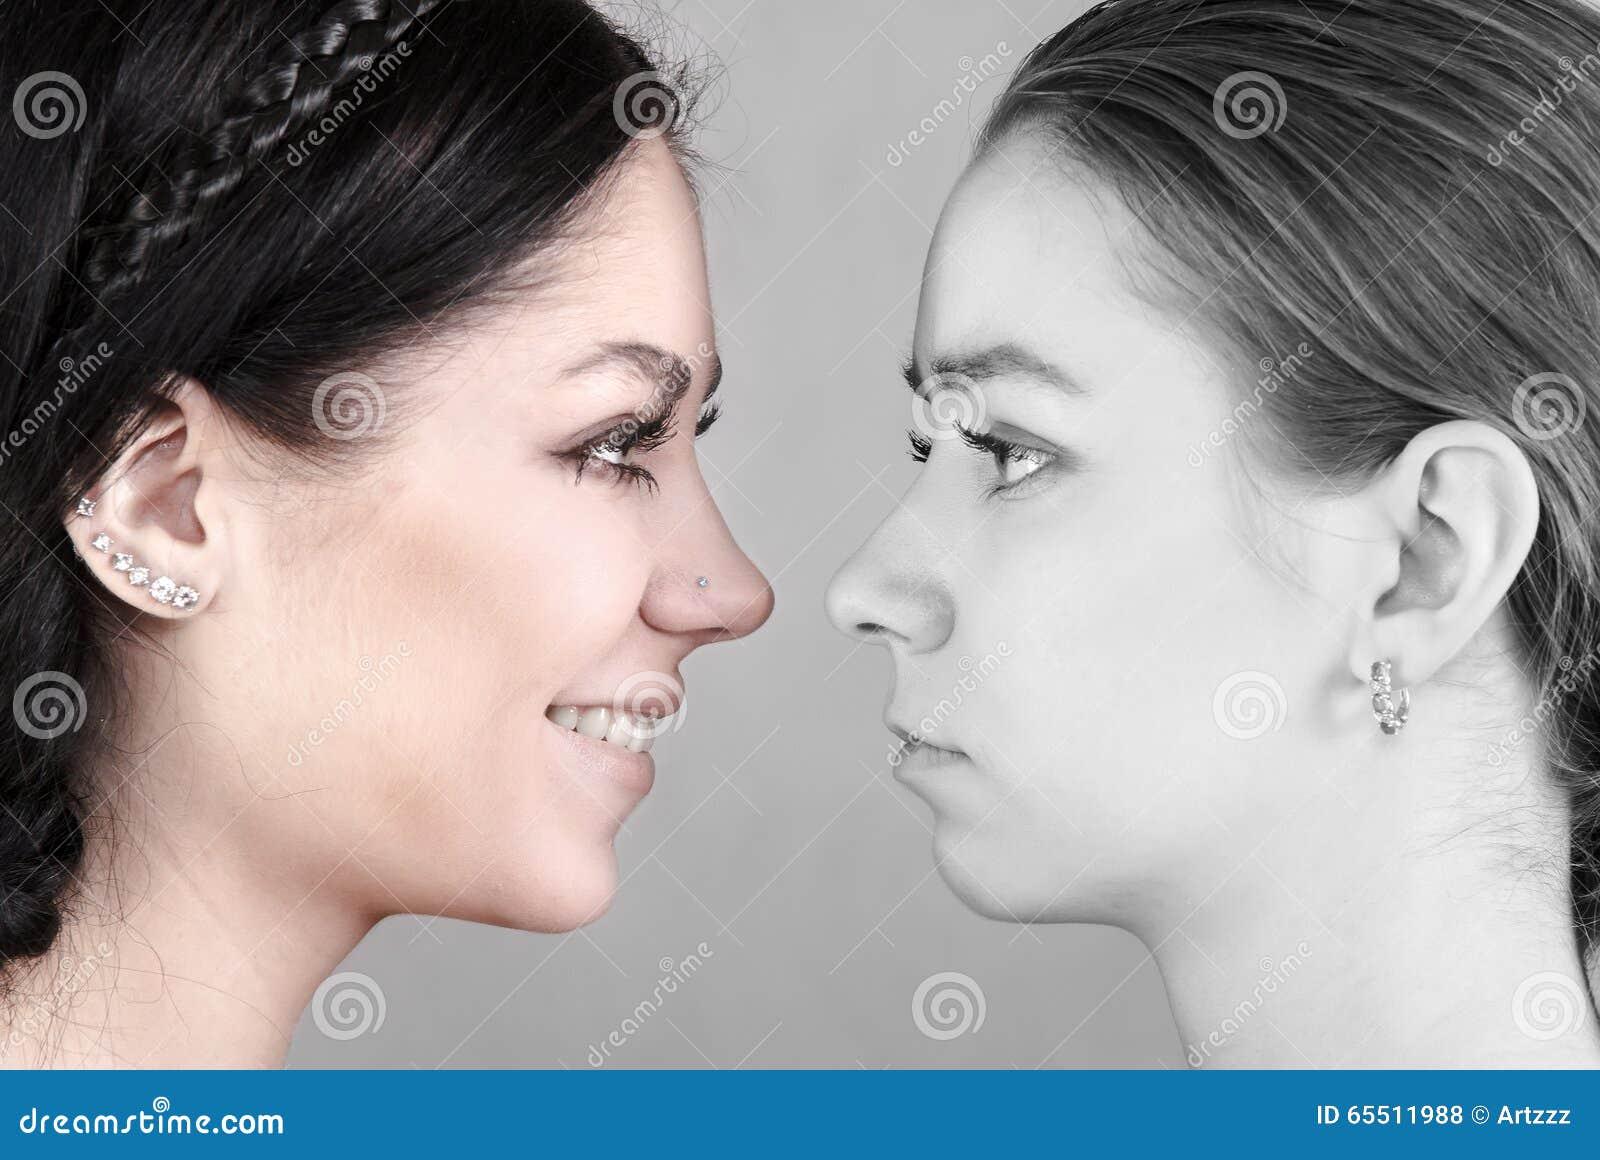 Mulheres felizes e tristes